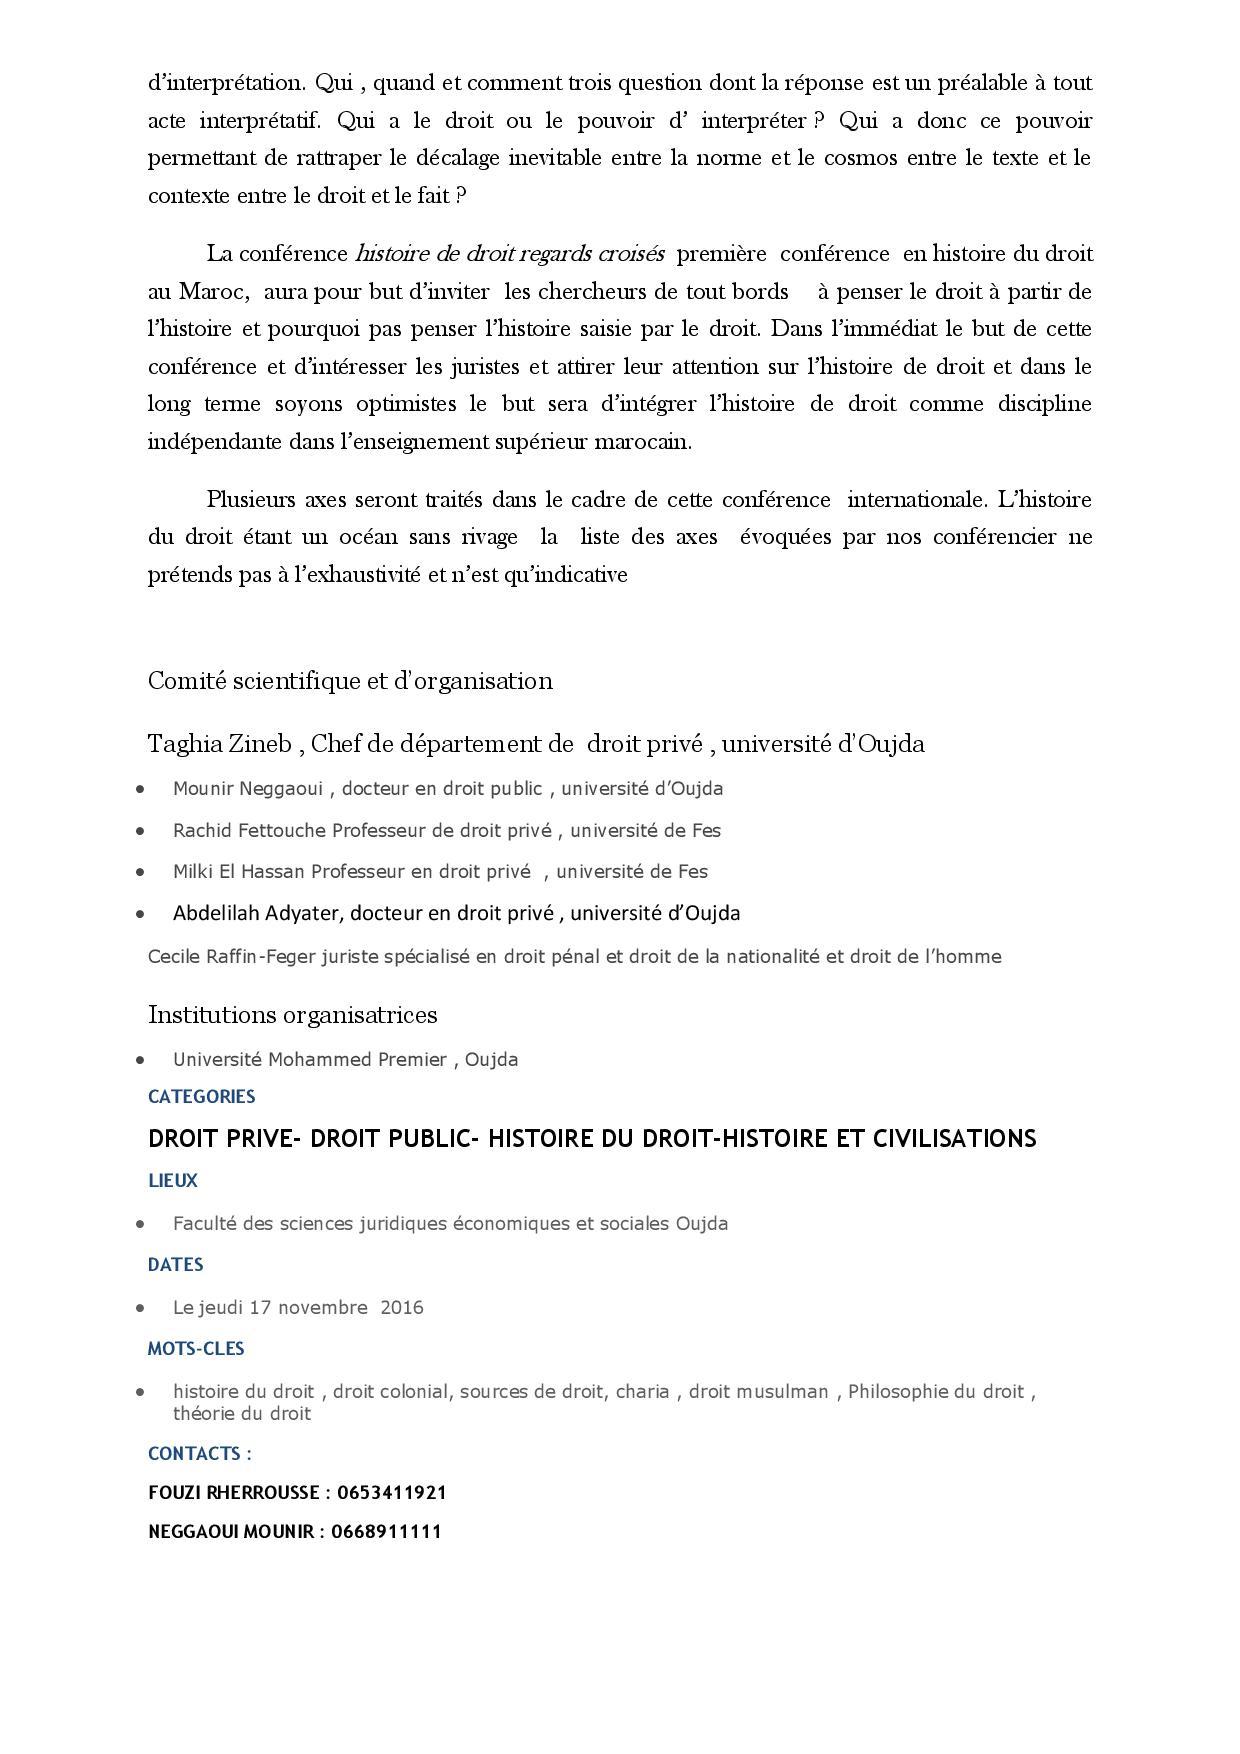 Première conférence internationale sur l'histoire du droit Faculté des Sciences Juridiques Économiques et Sociales Université Mohammed 1er Oujda Regards croisés sur l'histoire du Droit